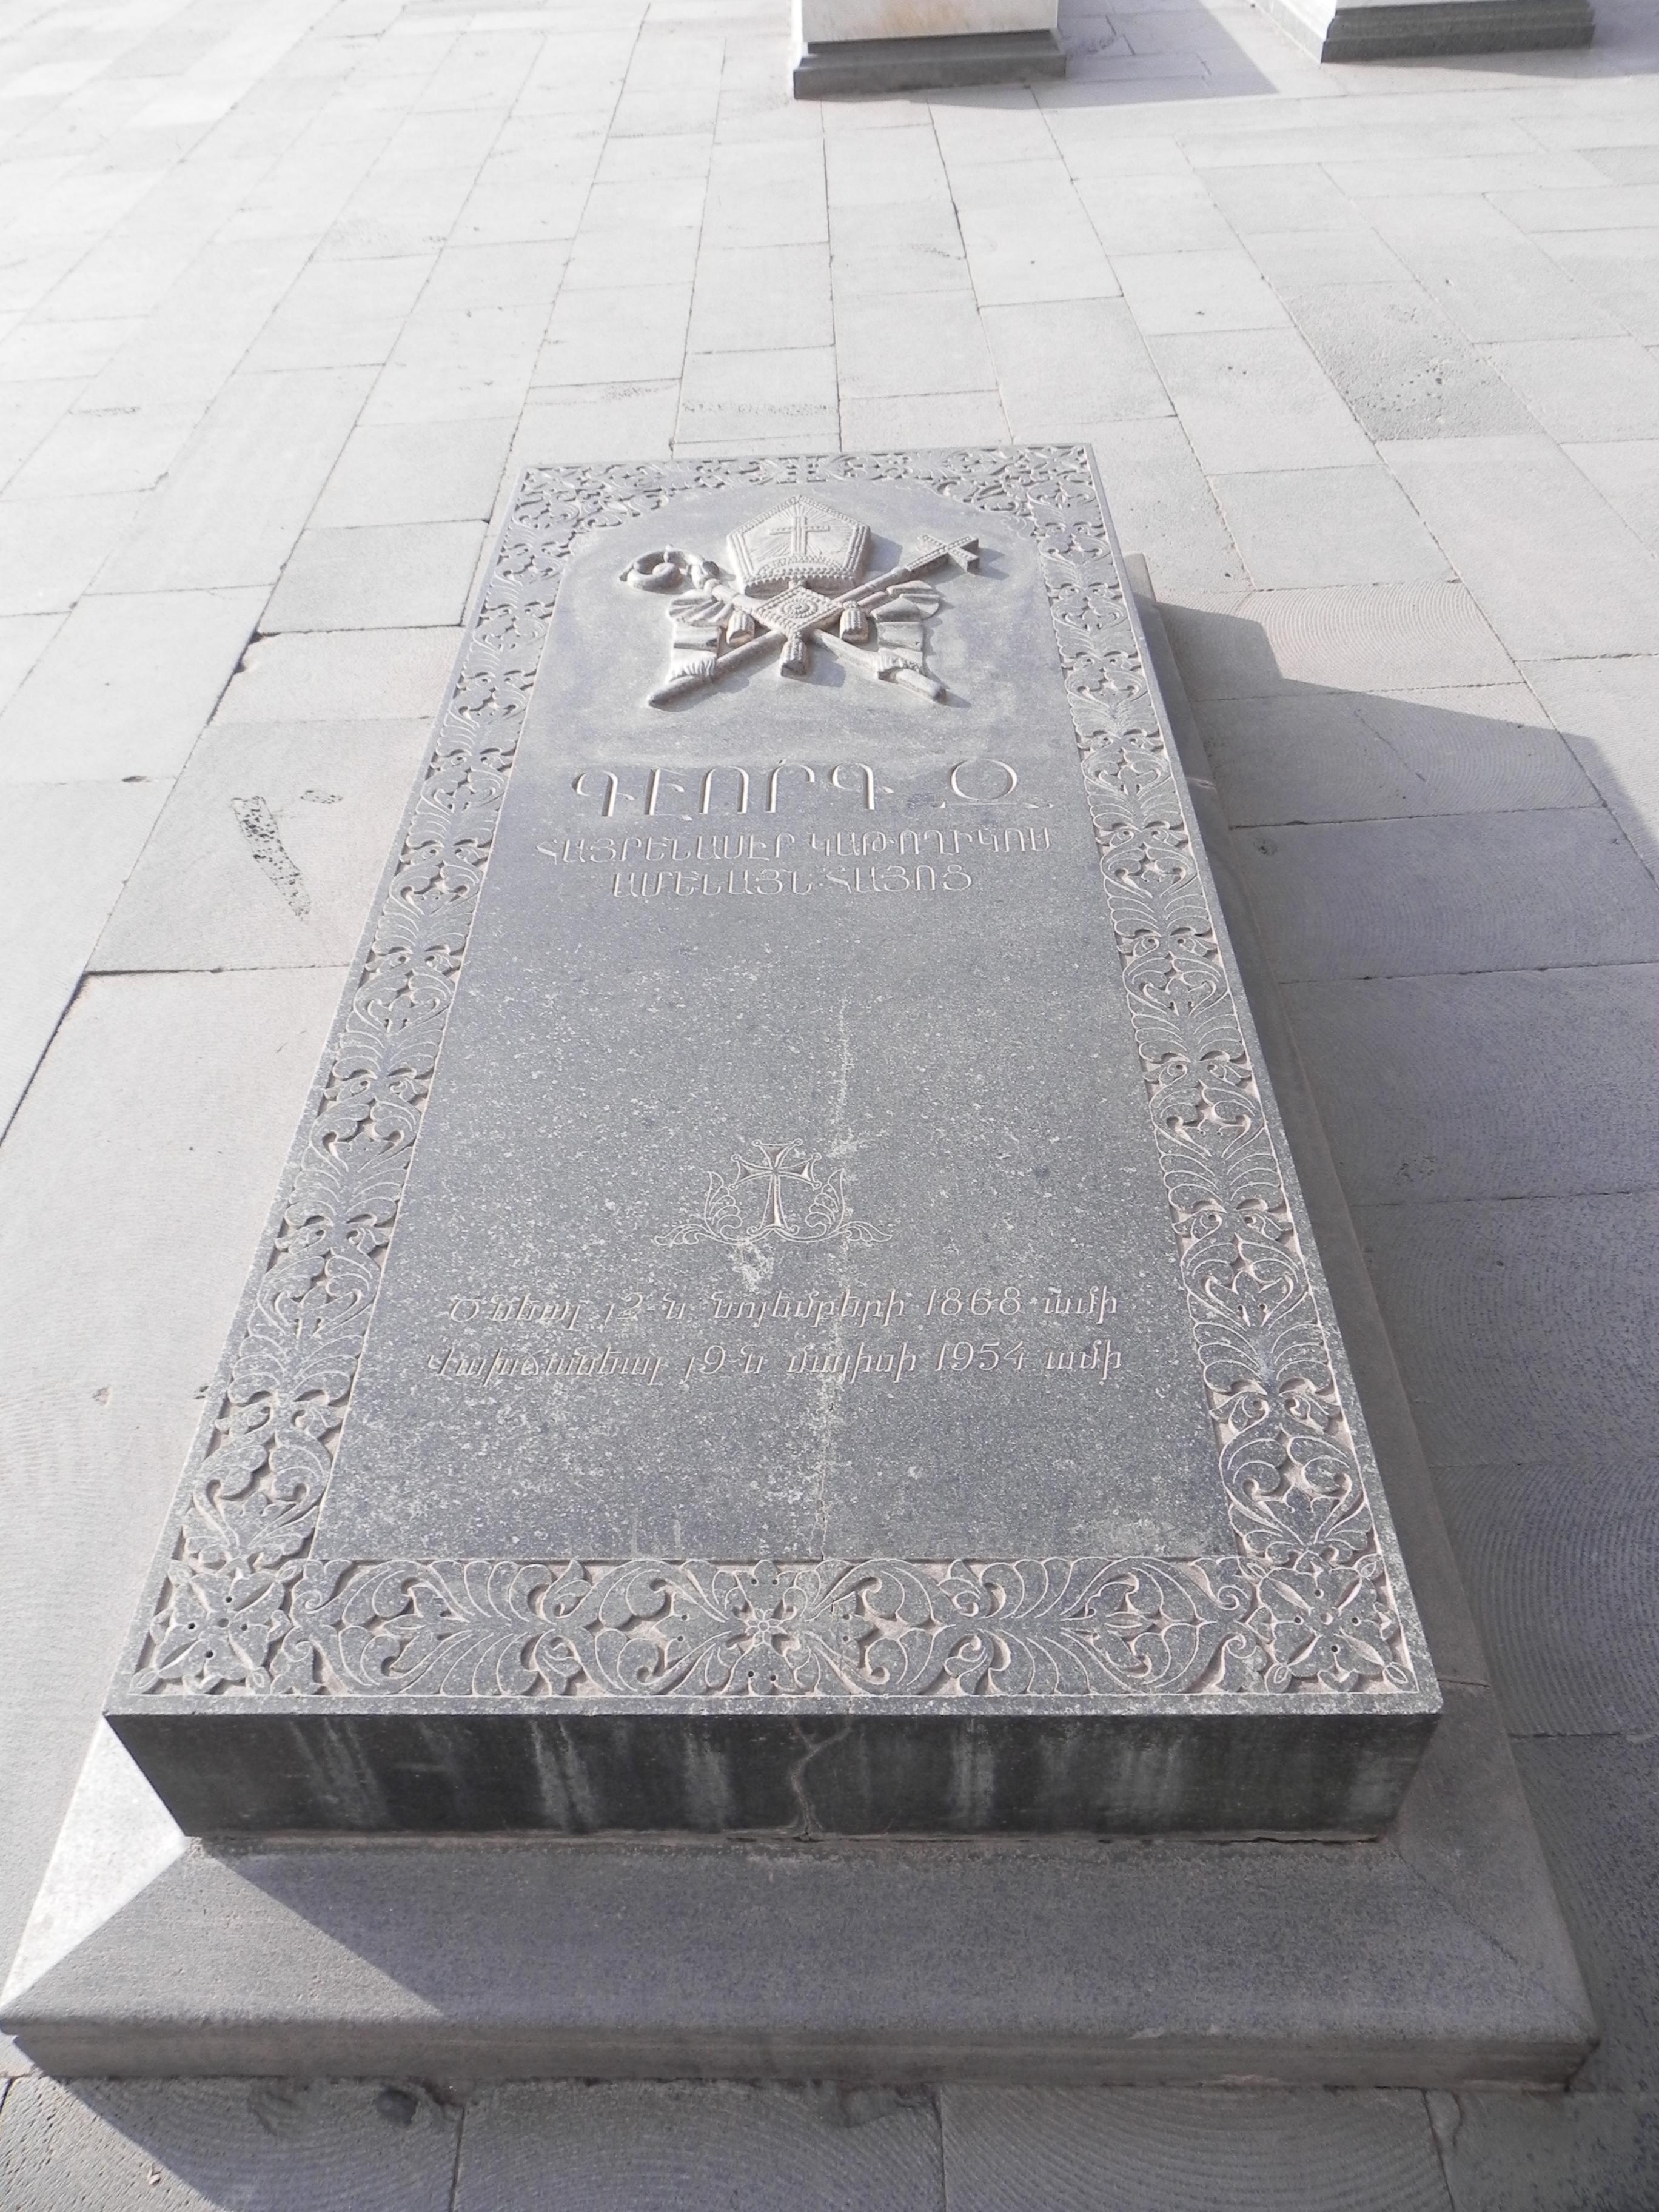 Джордж бетон относительные деформации бетона